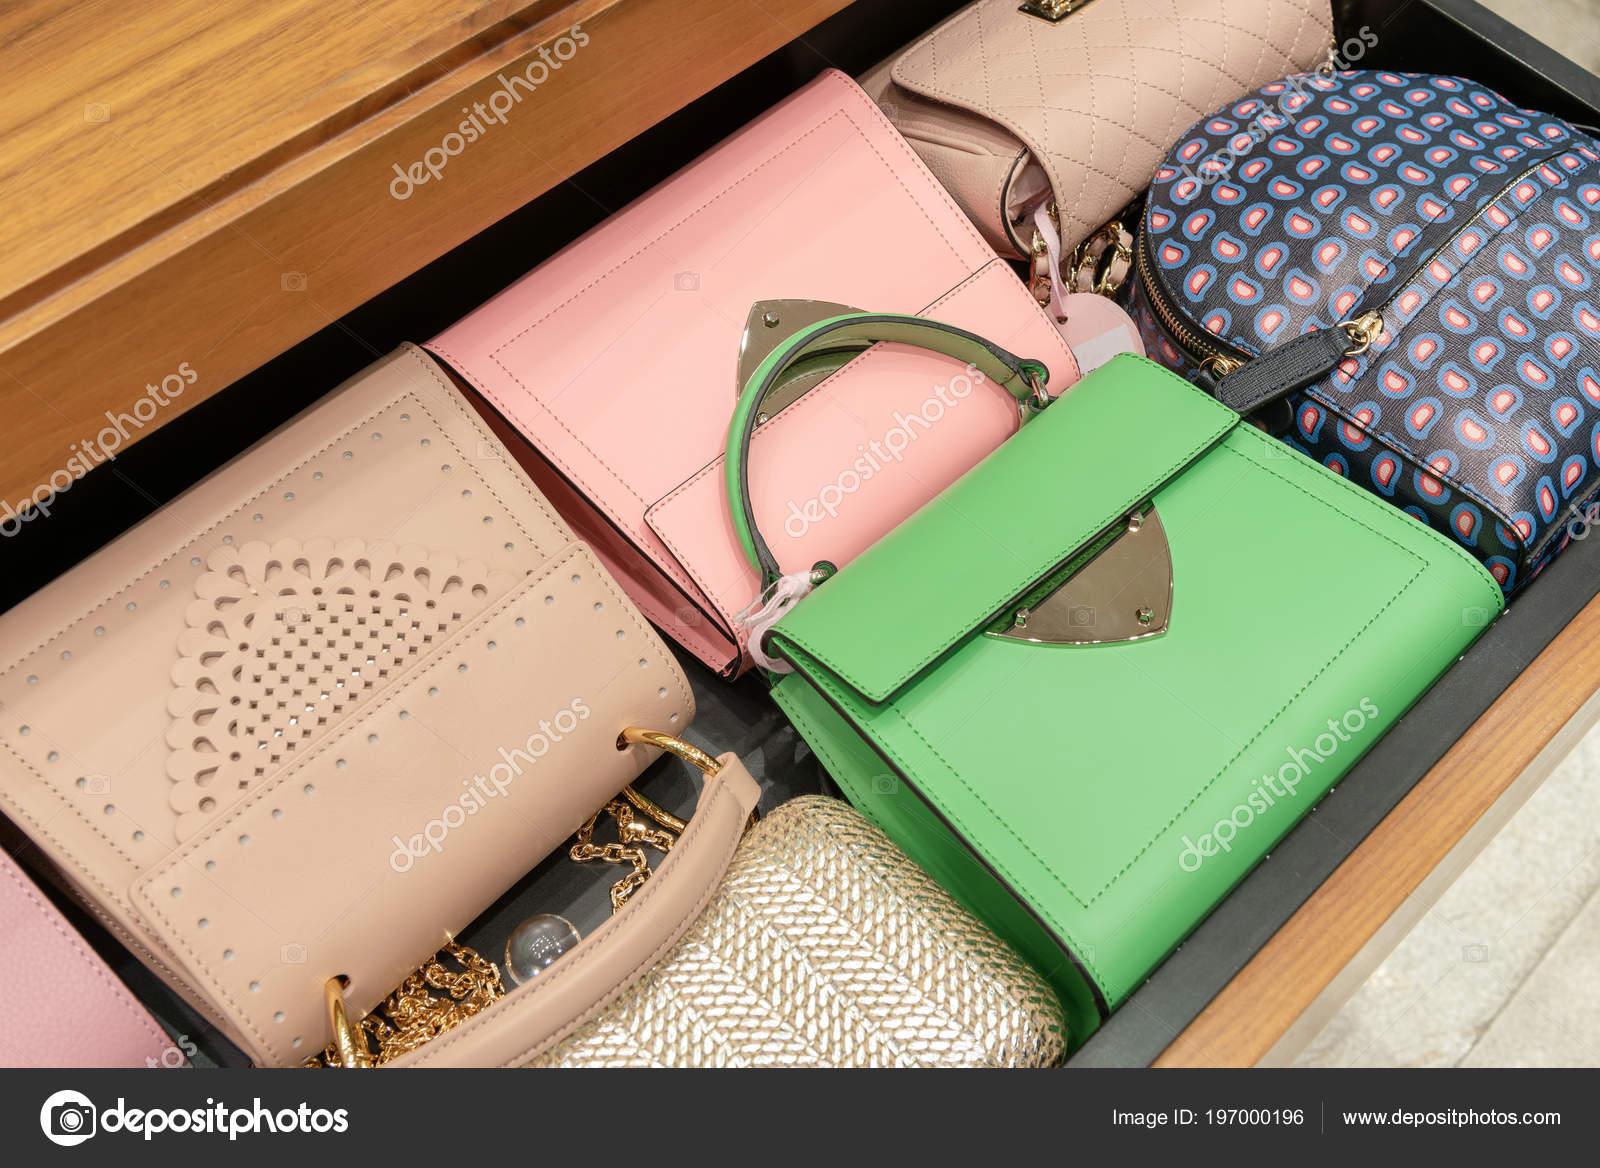 555bdefa5b Μοντέρνες γυναικείες τσάντες στο κατάστημα. Γυναίκα τσάντα σε μια βιτρίνα  ενός καταστήματος πολυτελείας — Εικόνα από ...